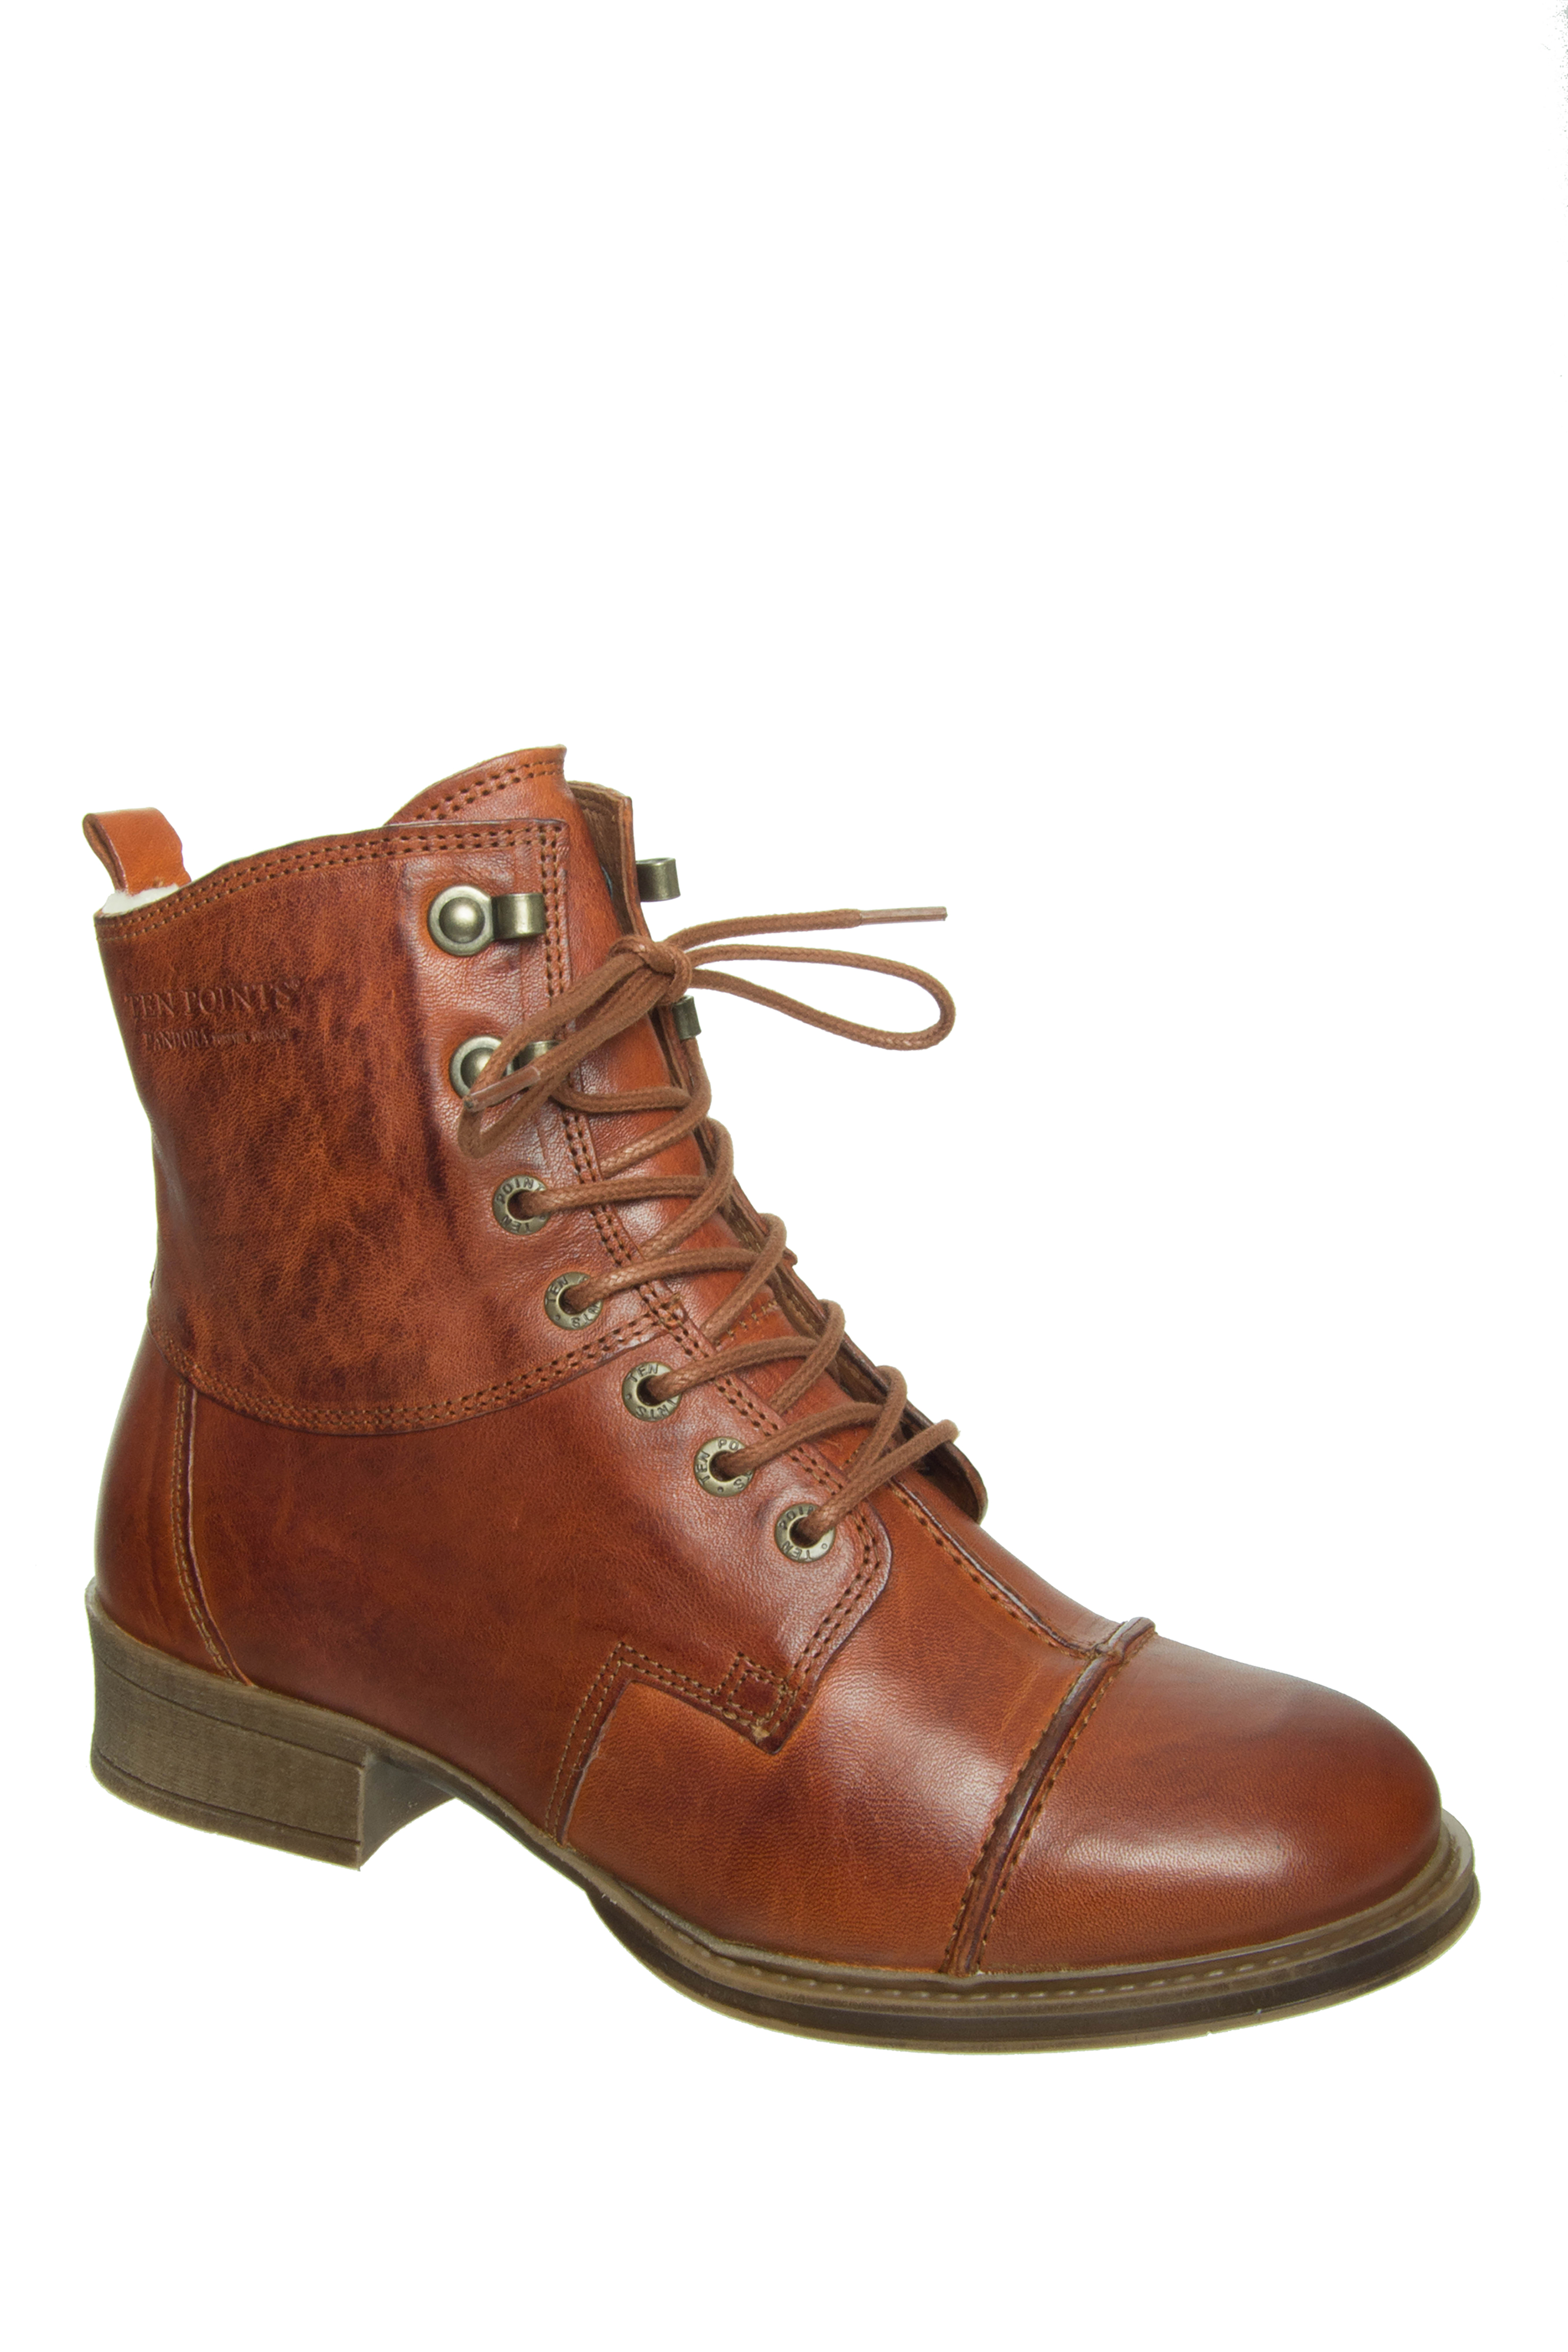 Ten Points Pandora Lined Low Heel Boots - Brandy